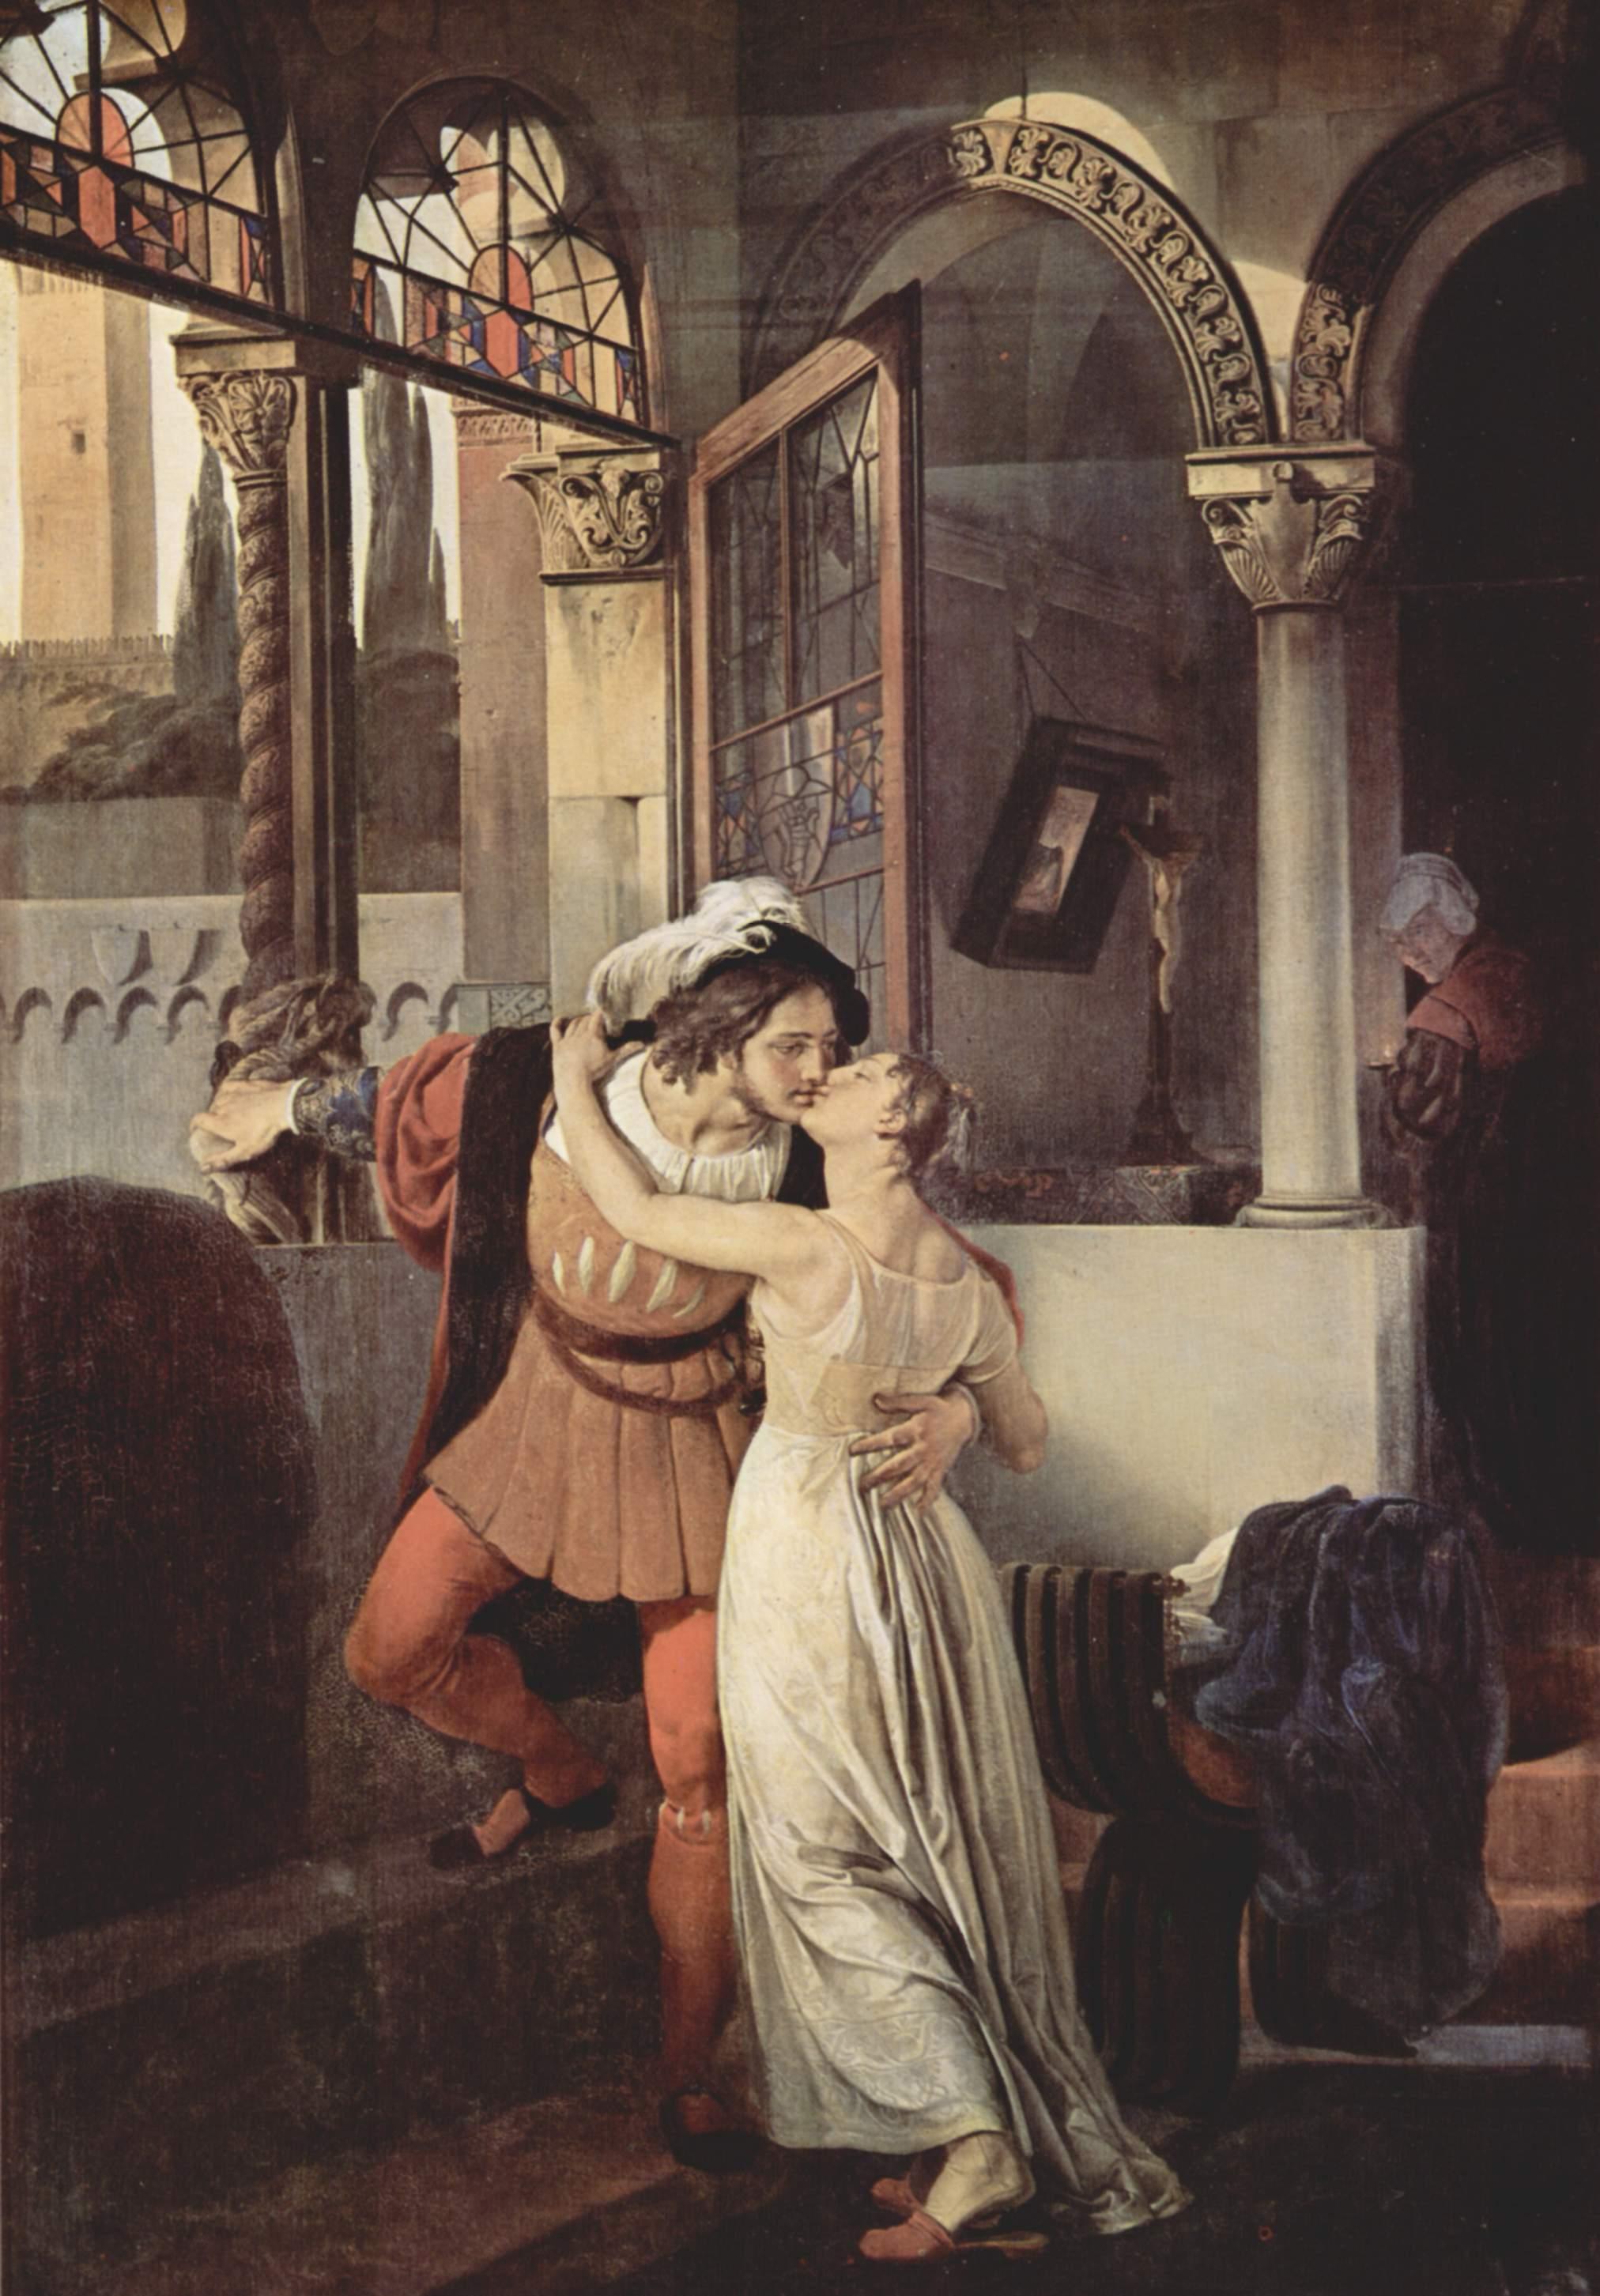 Francesco Hayez, L'ultimo bacio, 1823. L'opera rappresenta Romeo e Giulietta ed ha ispirato scenograficamente il film del 1936